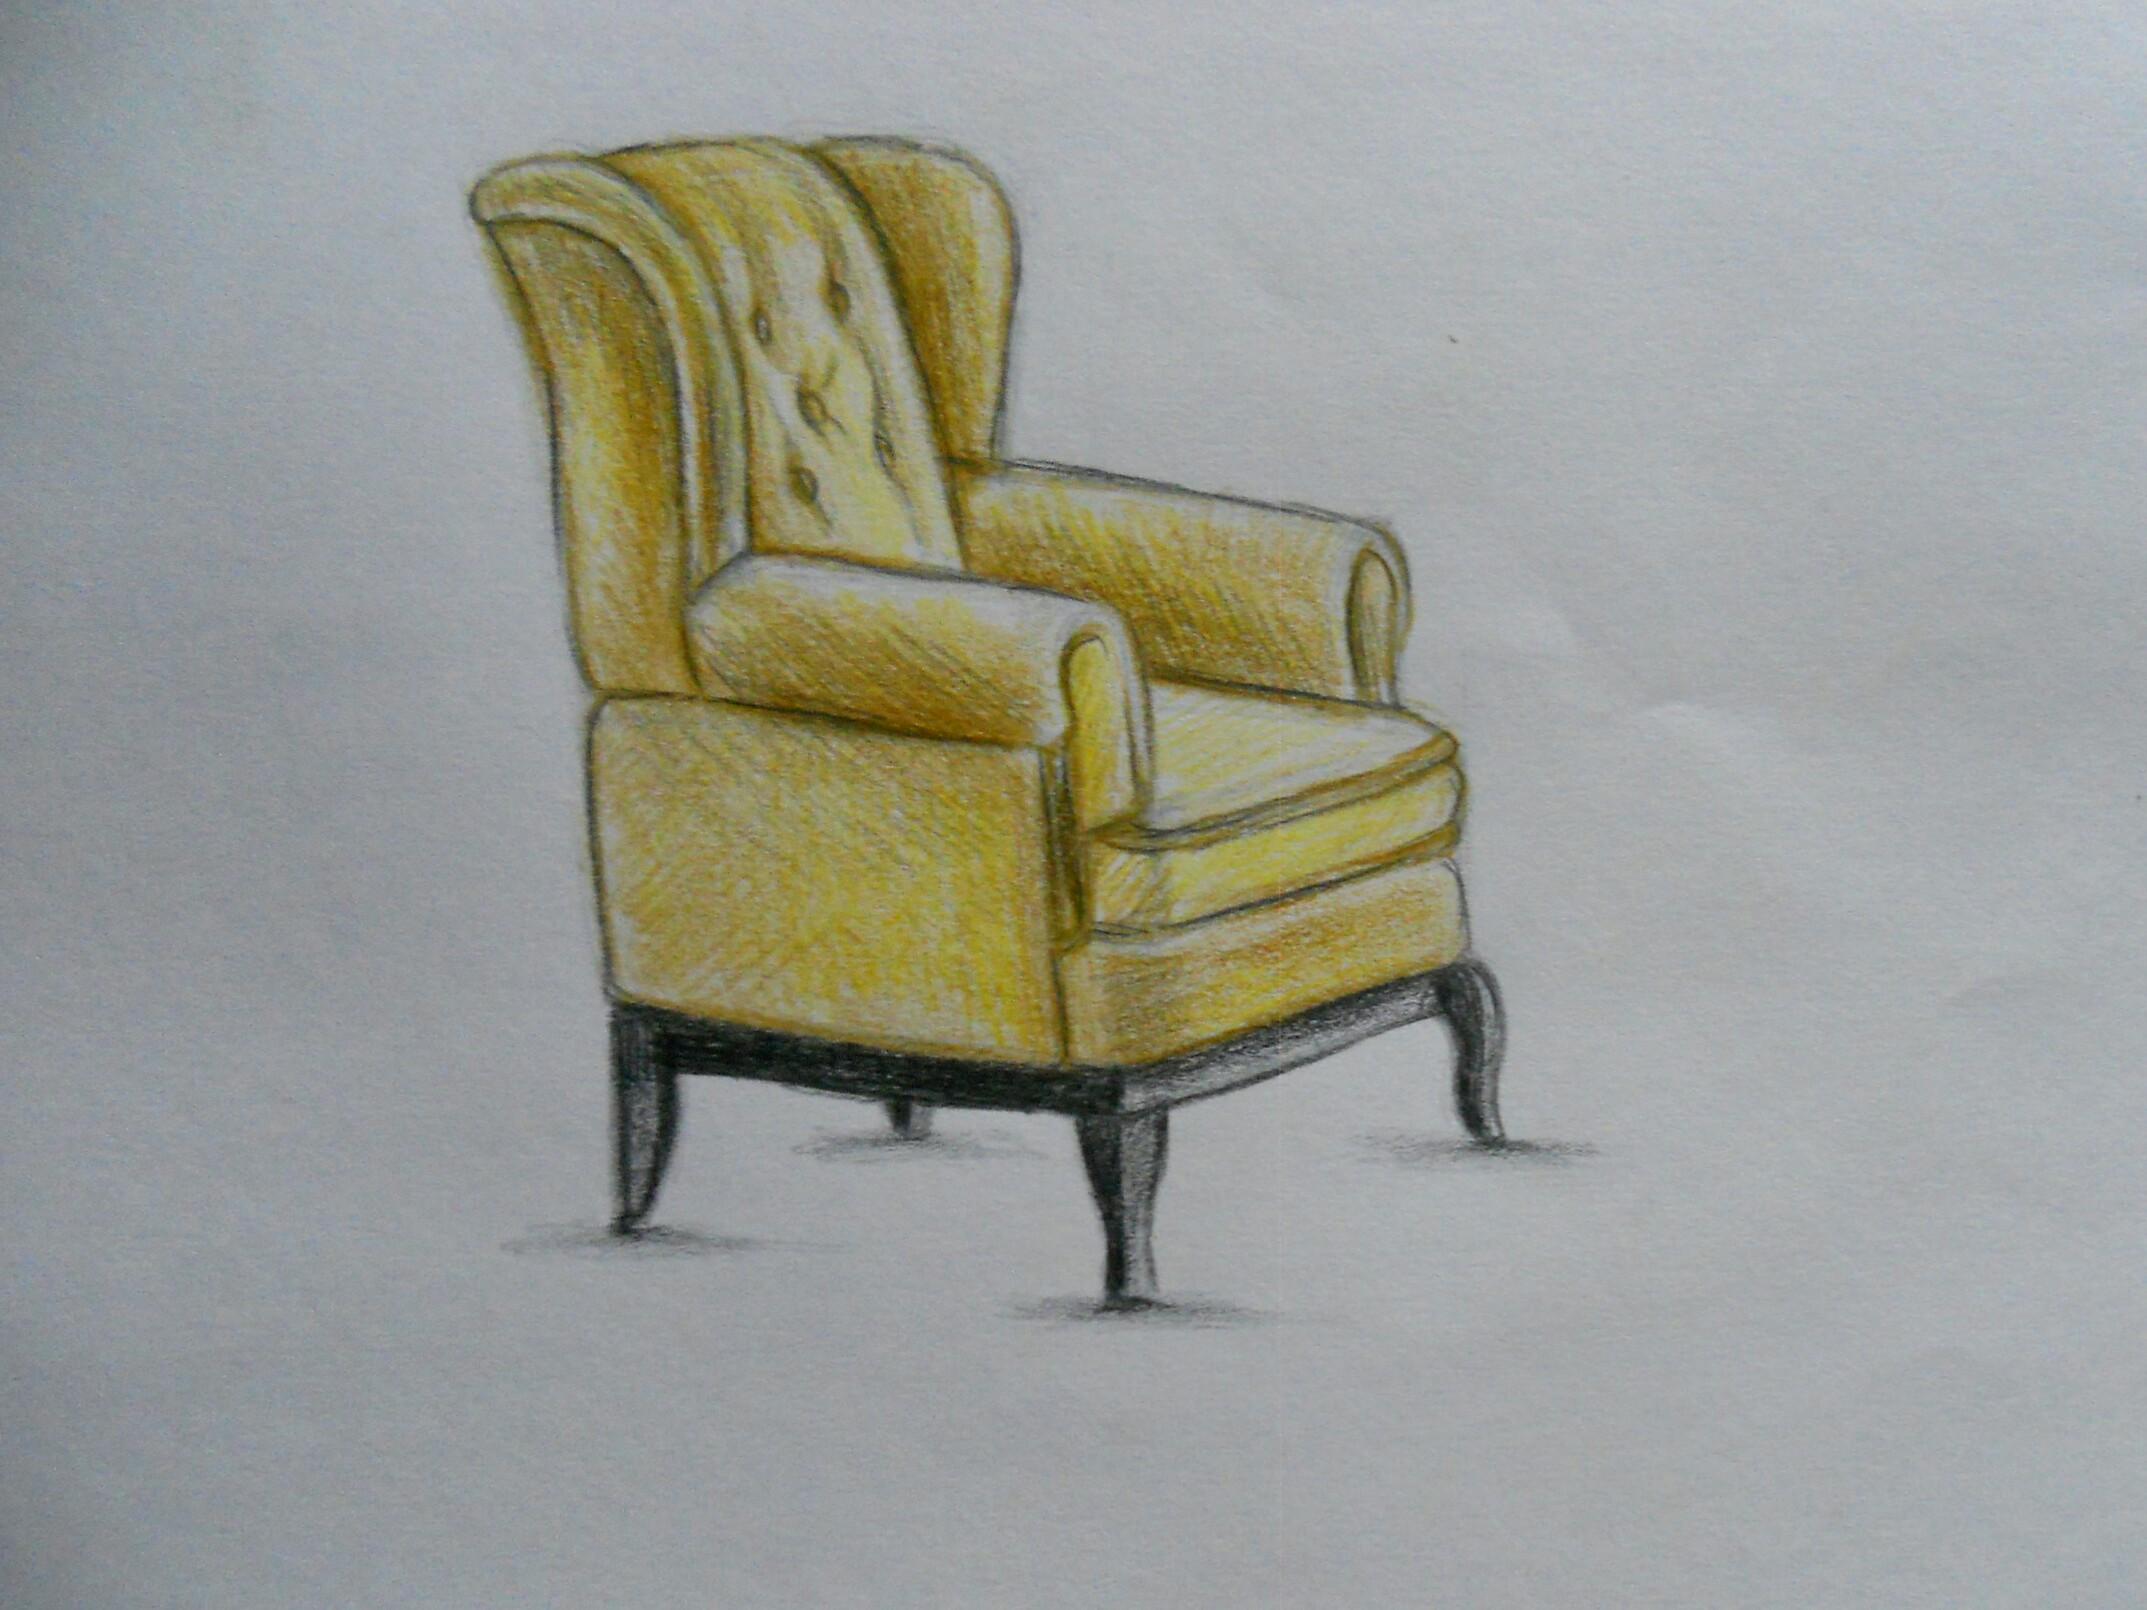 Как нарисовать кресло карандашом поэтапно?